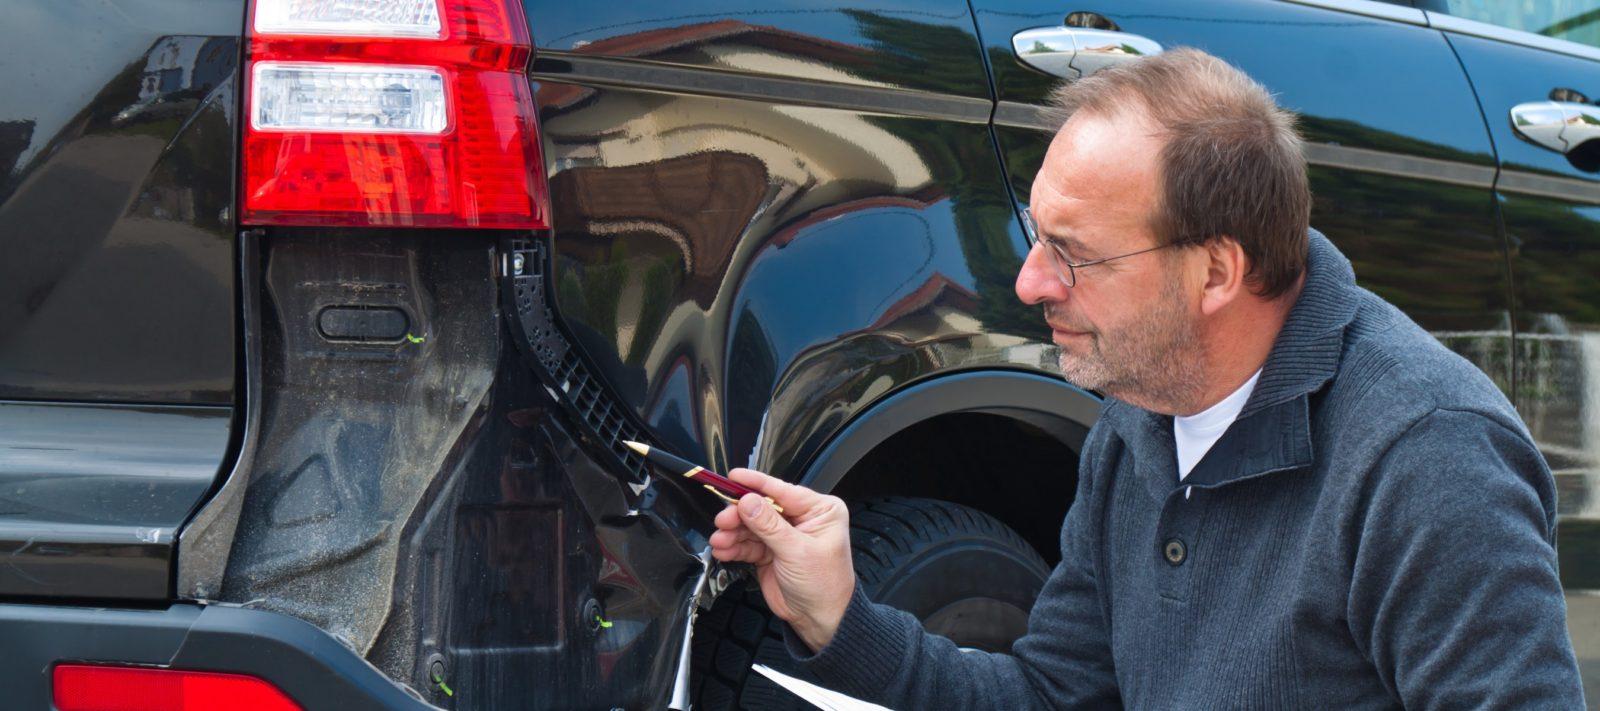 Оценка автомобиля для суда в Москве, узнать стоимость оценки автомобиля для суда на сайте компании «Анель»